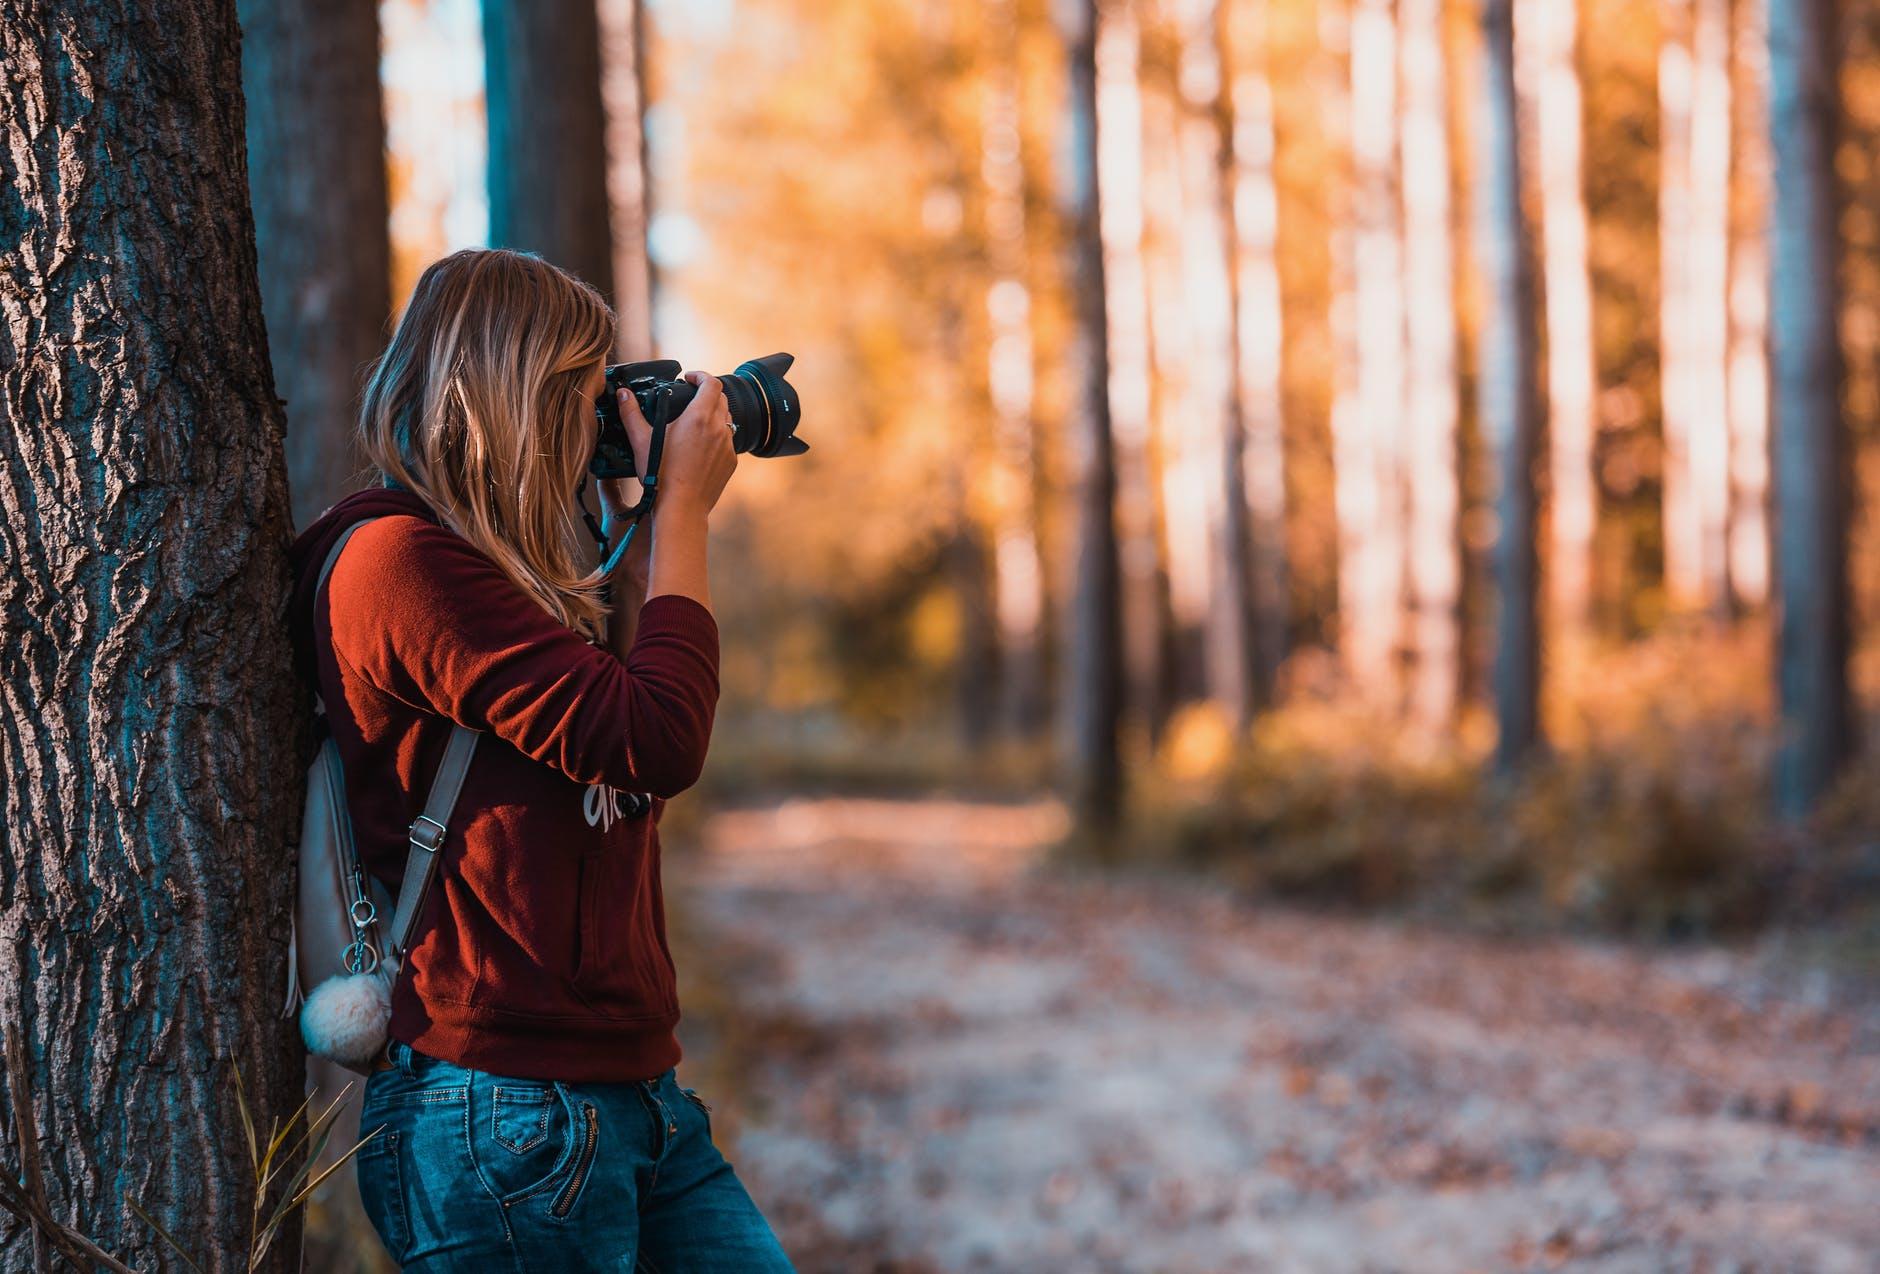 Πώς να διηγηθείτε τα ταξίδια μας μέσα από εικόνες - Χρόνης Χρονόπουλος